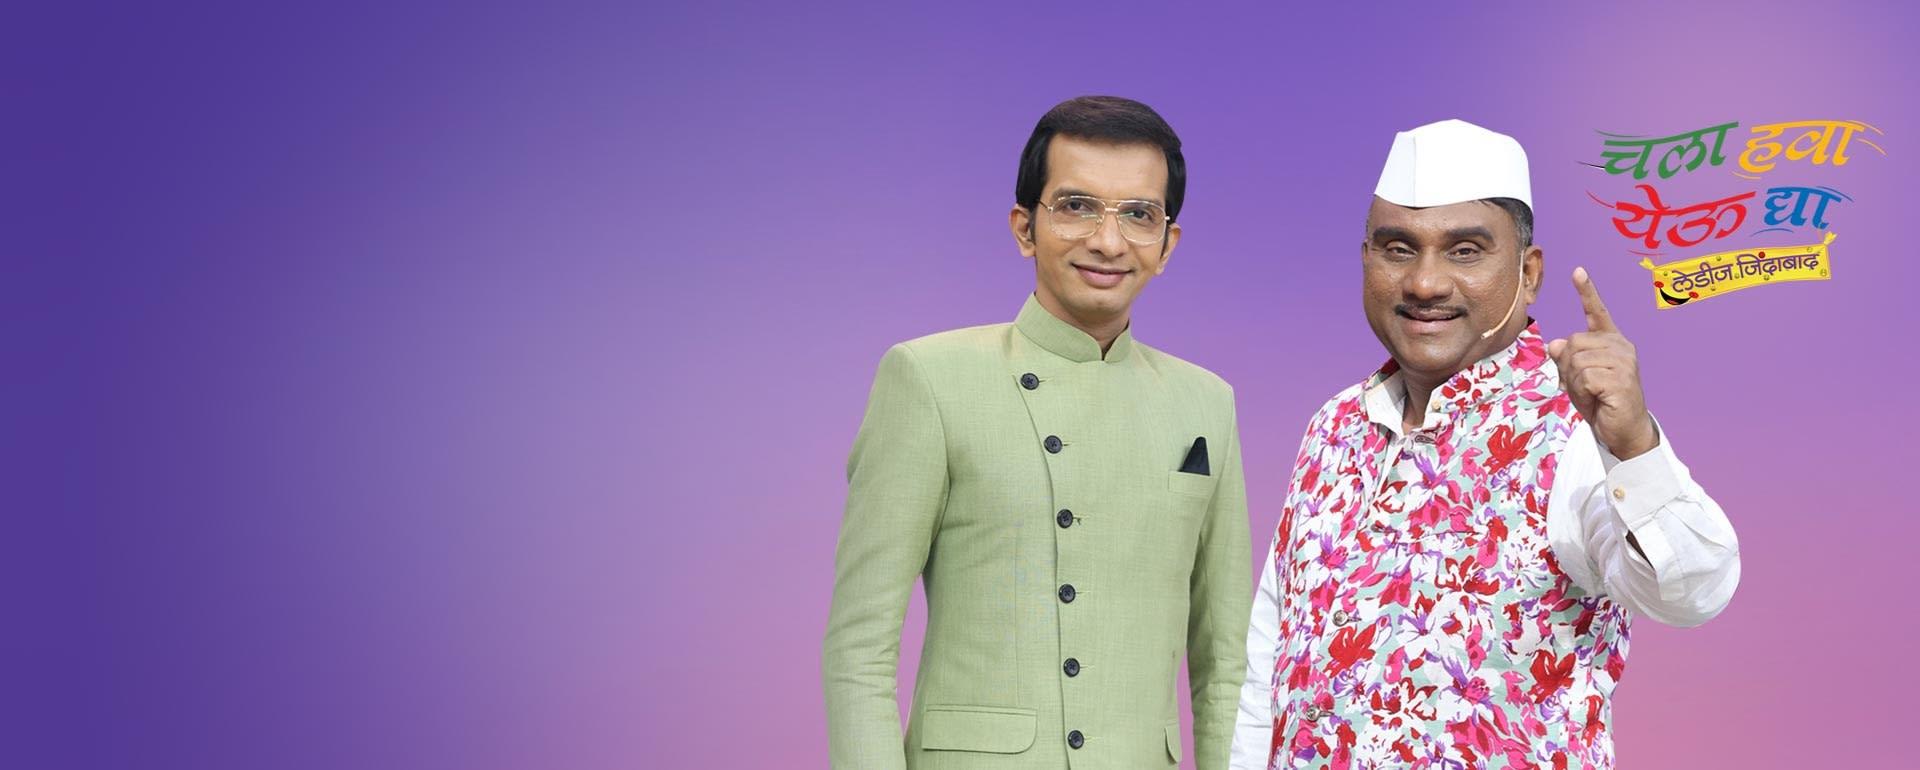 Chala Hawa Yeu Dya - Ladies Zindabaad